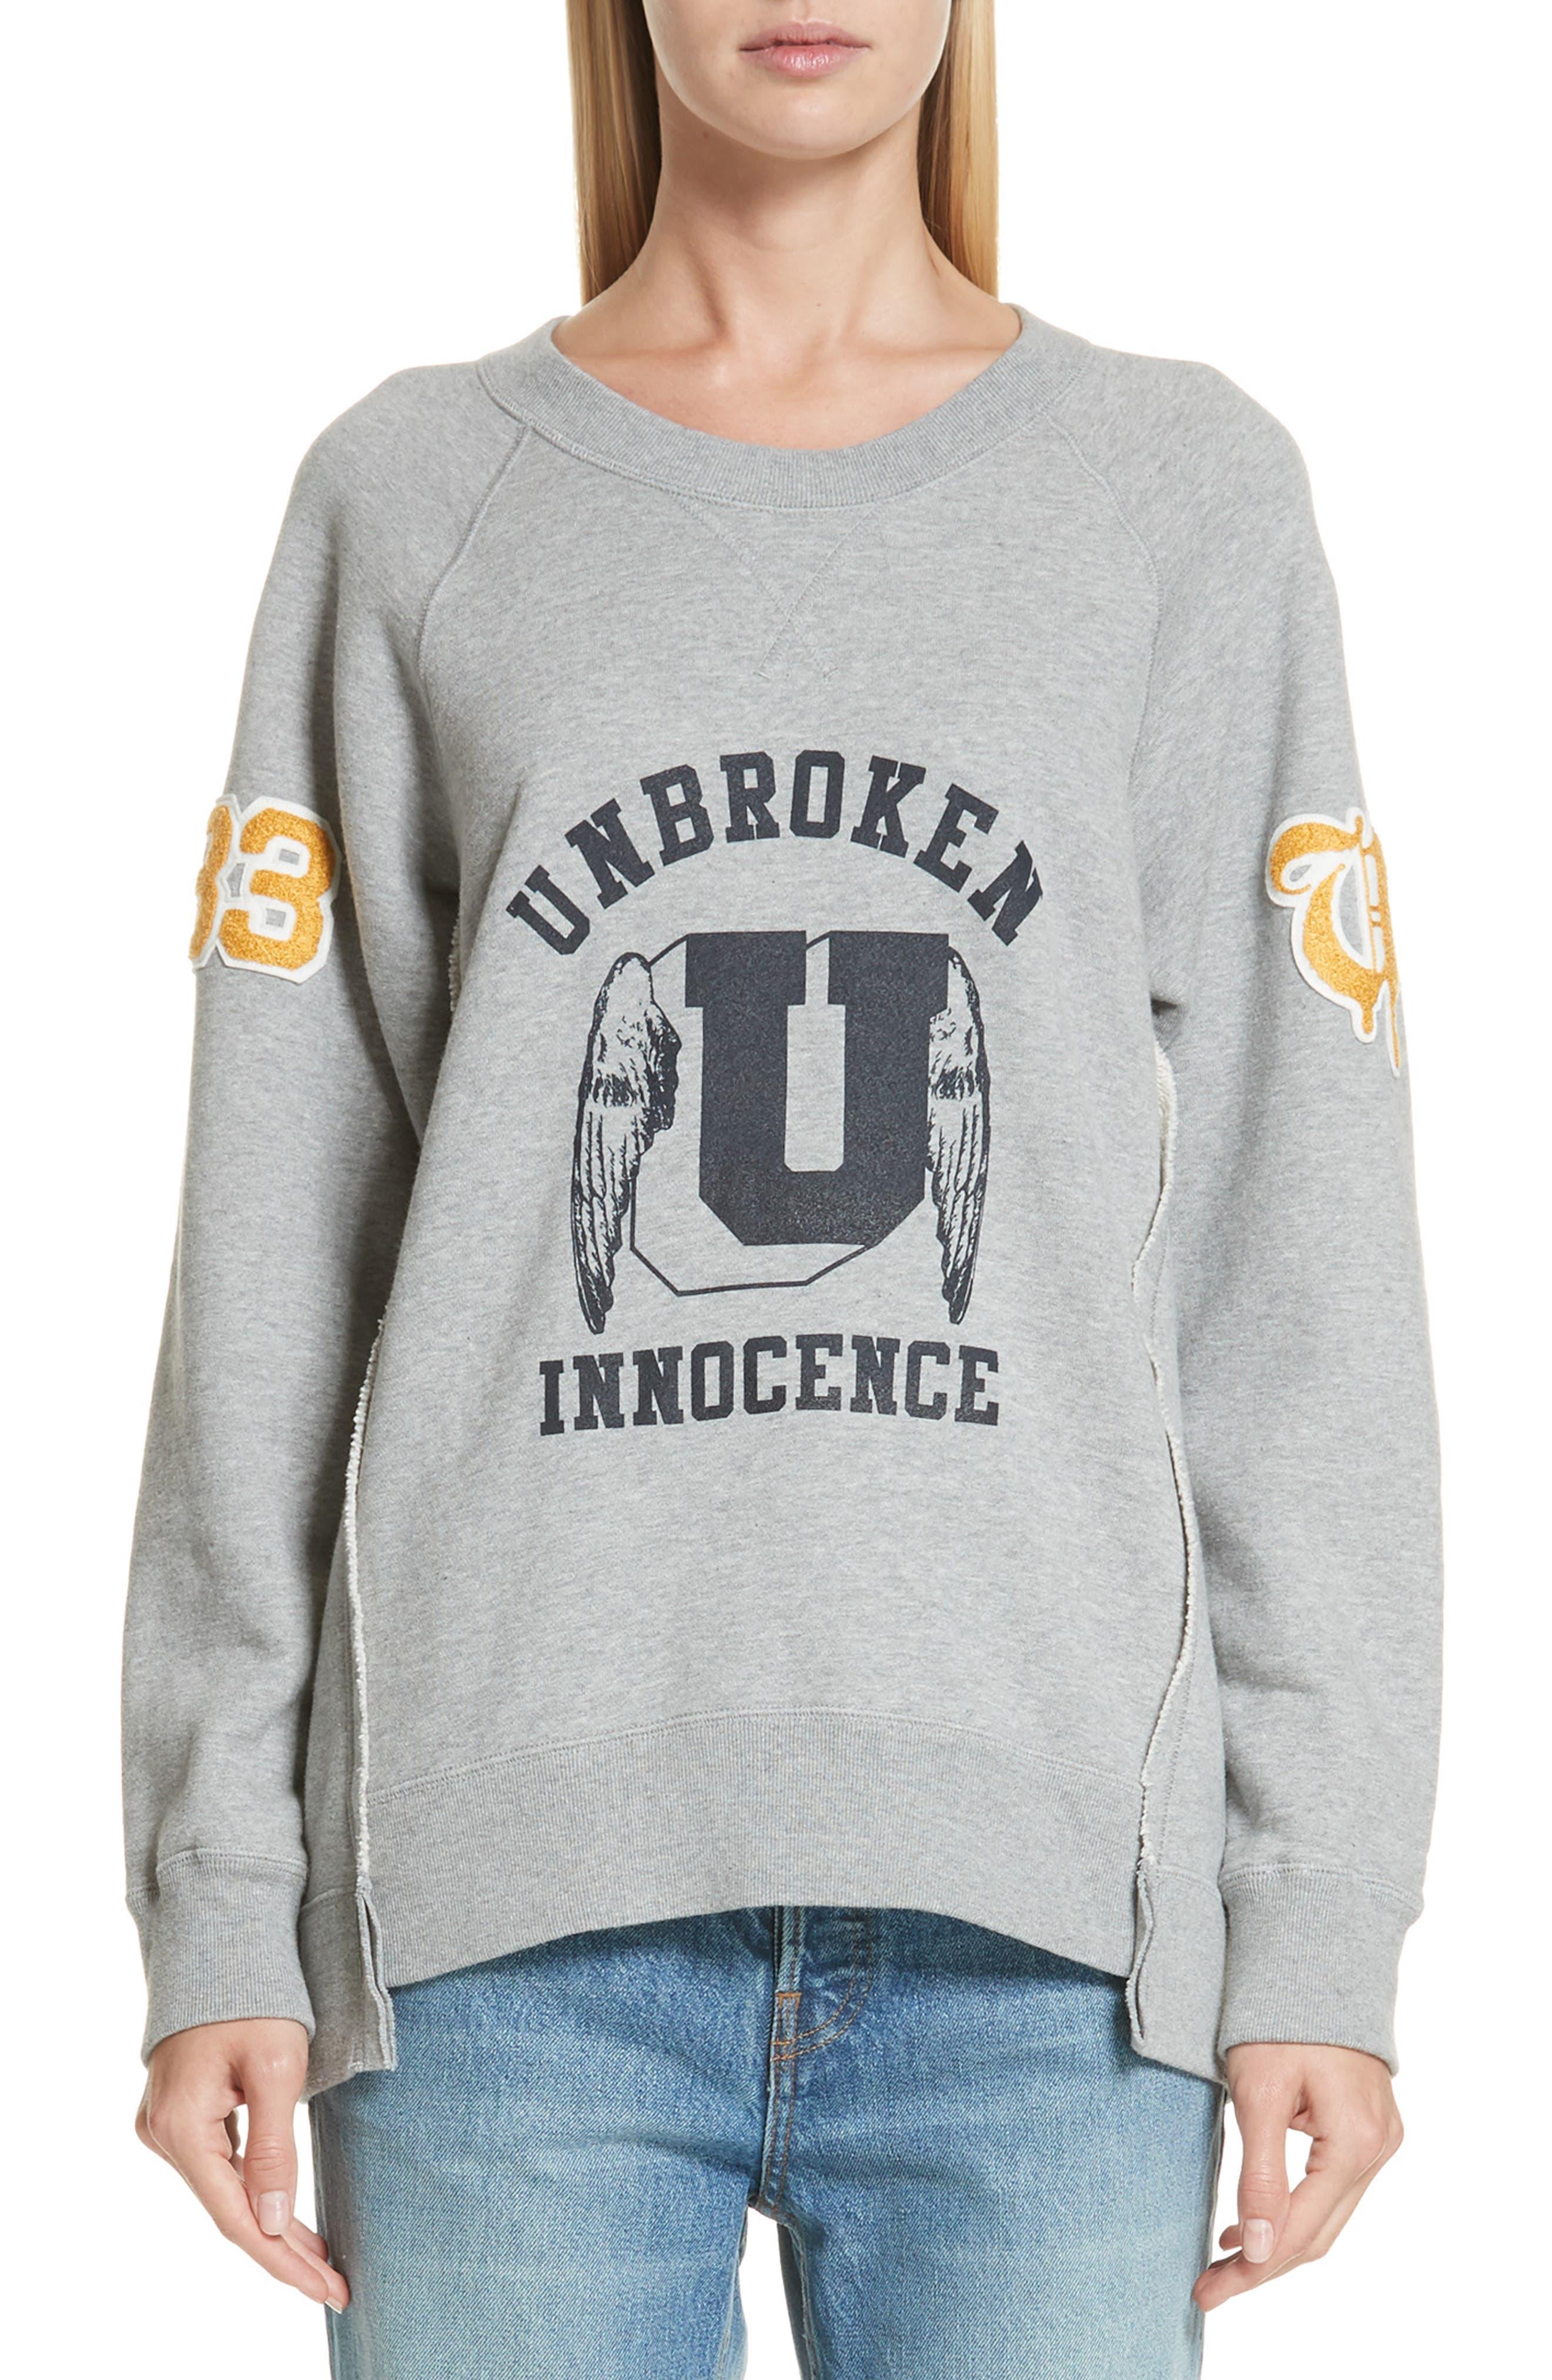 Undercover Unbroken Innocence Sweatshirt, Grey